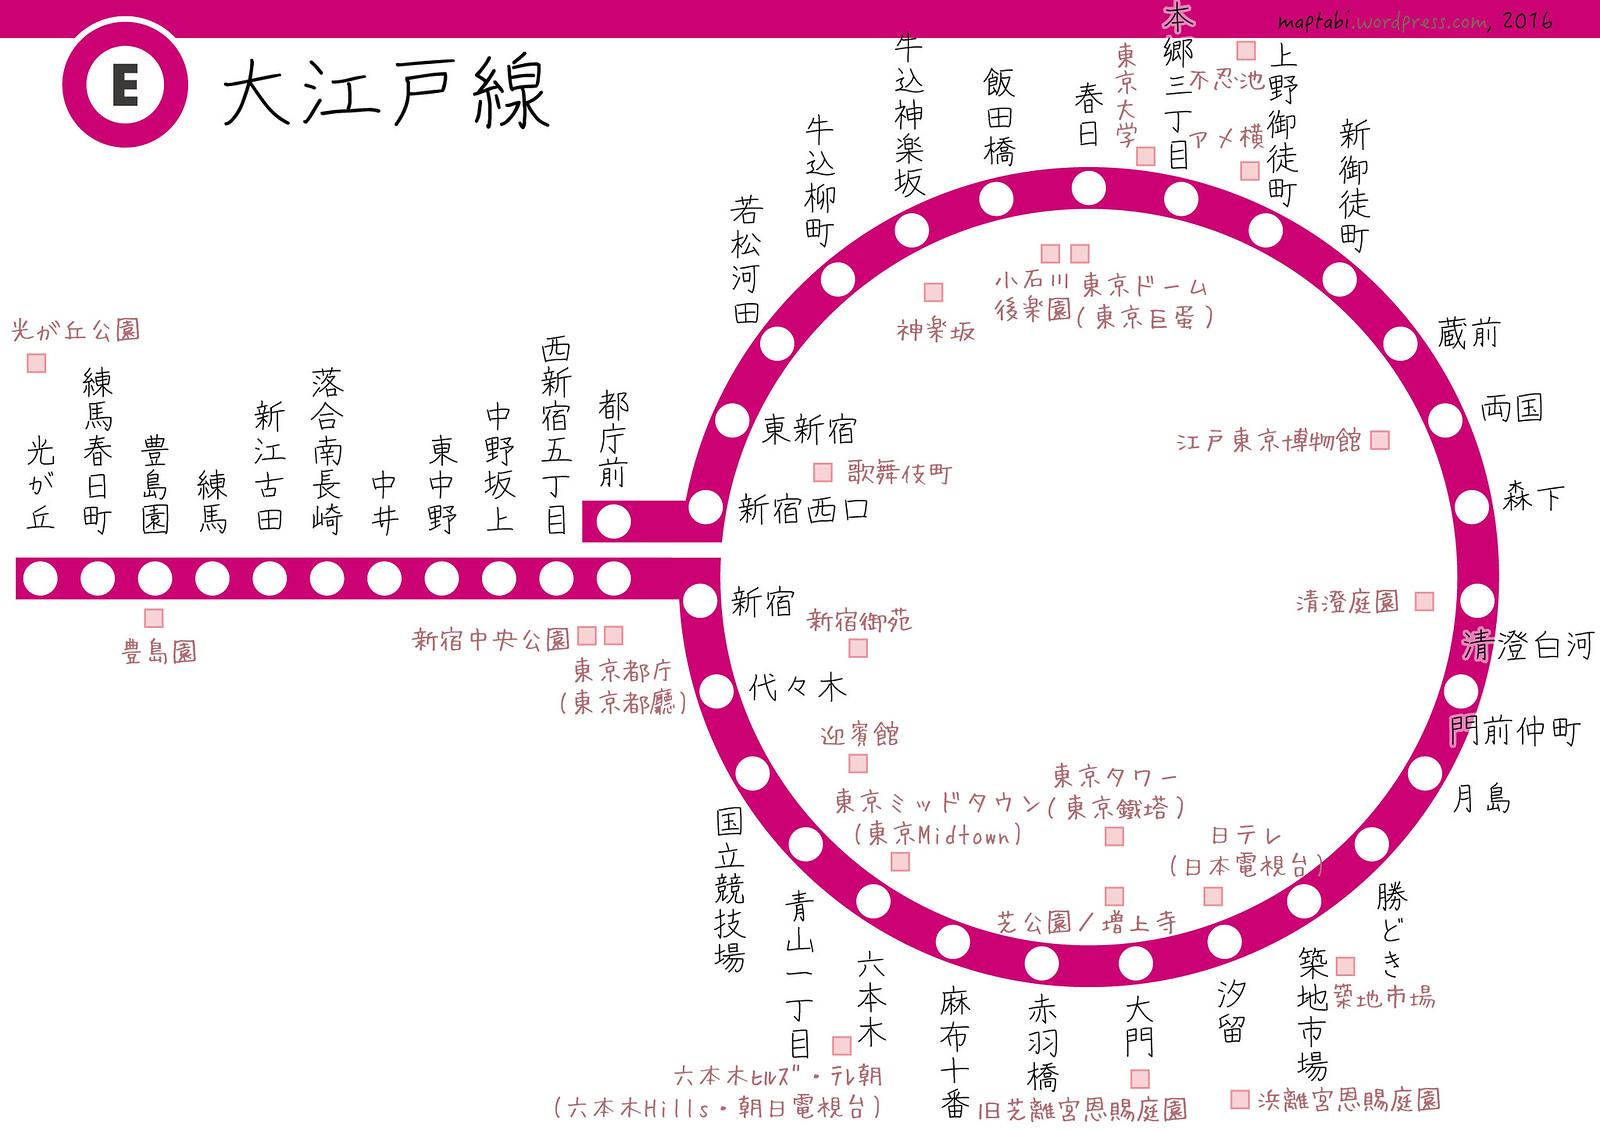 【東京交通】遊走大江戶:都營大江戶線+沿線景點 – maptabi